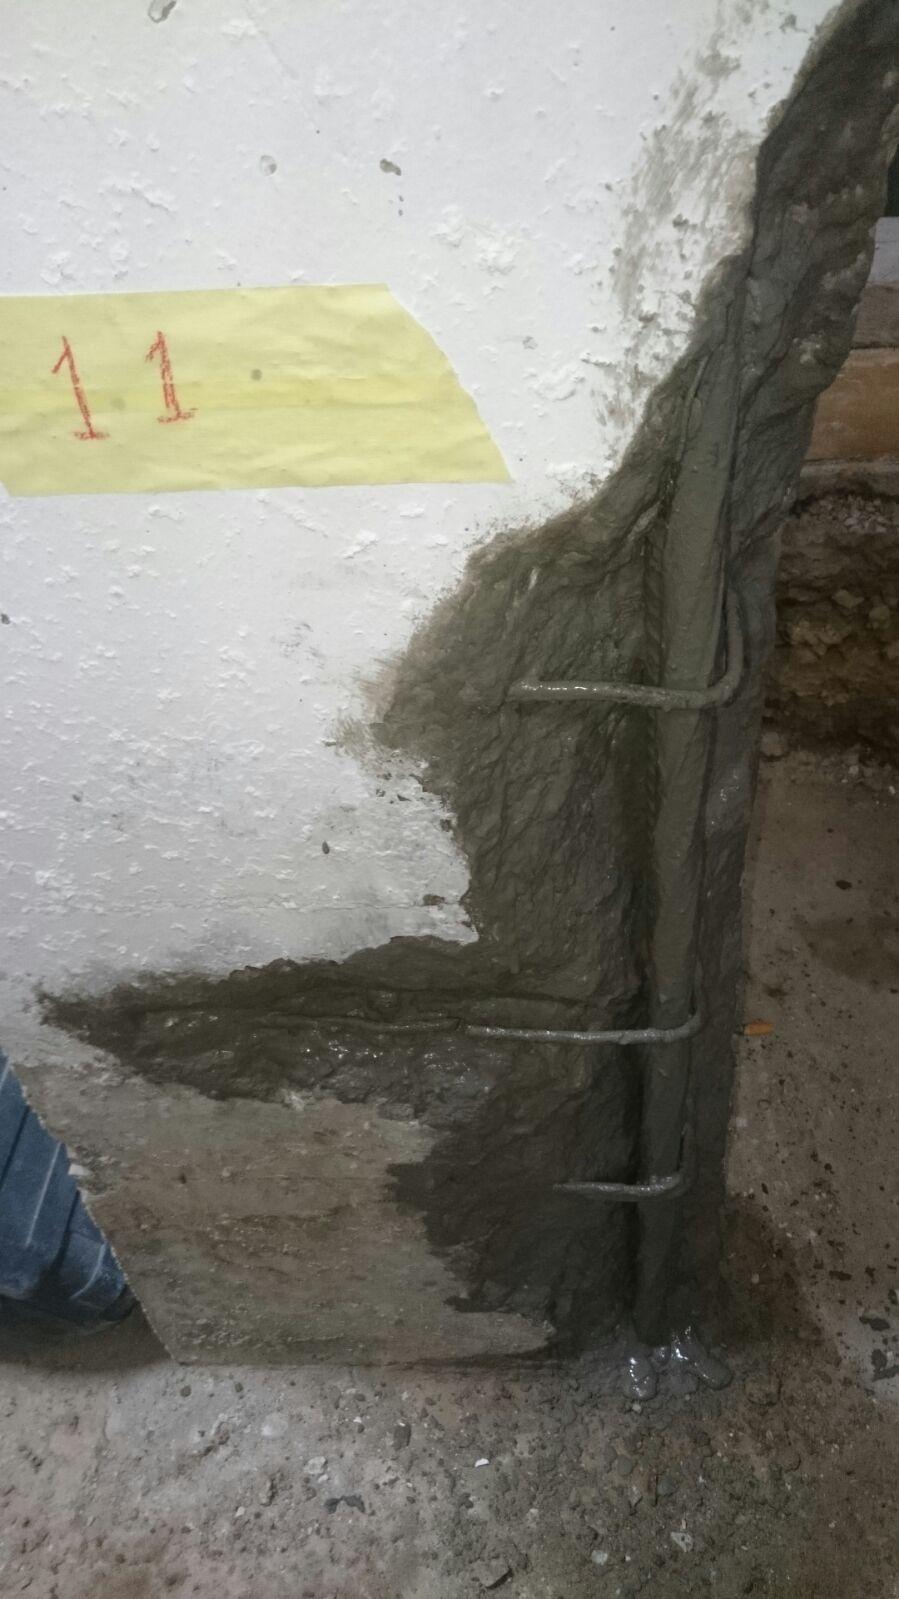 Picado de solado,revestimientos de zona de apoyo de la estructura metálica, limpiando zonas afectadas,retirando hormigon suelto